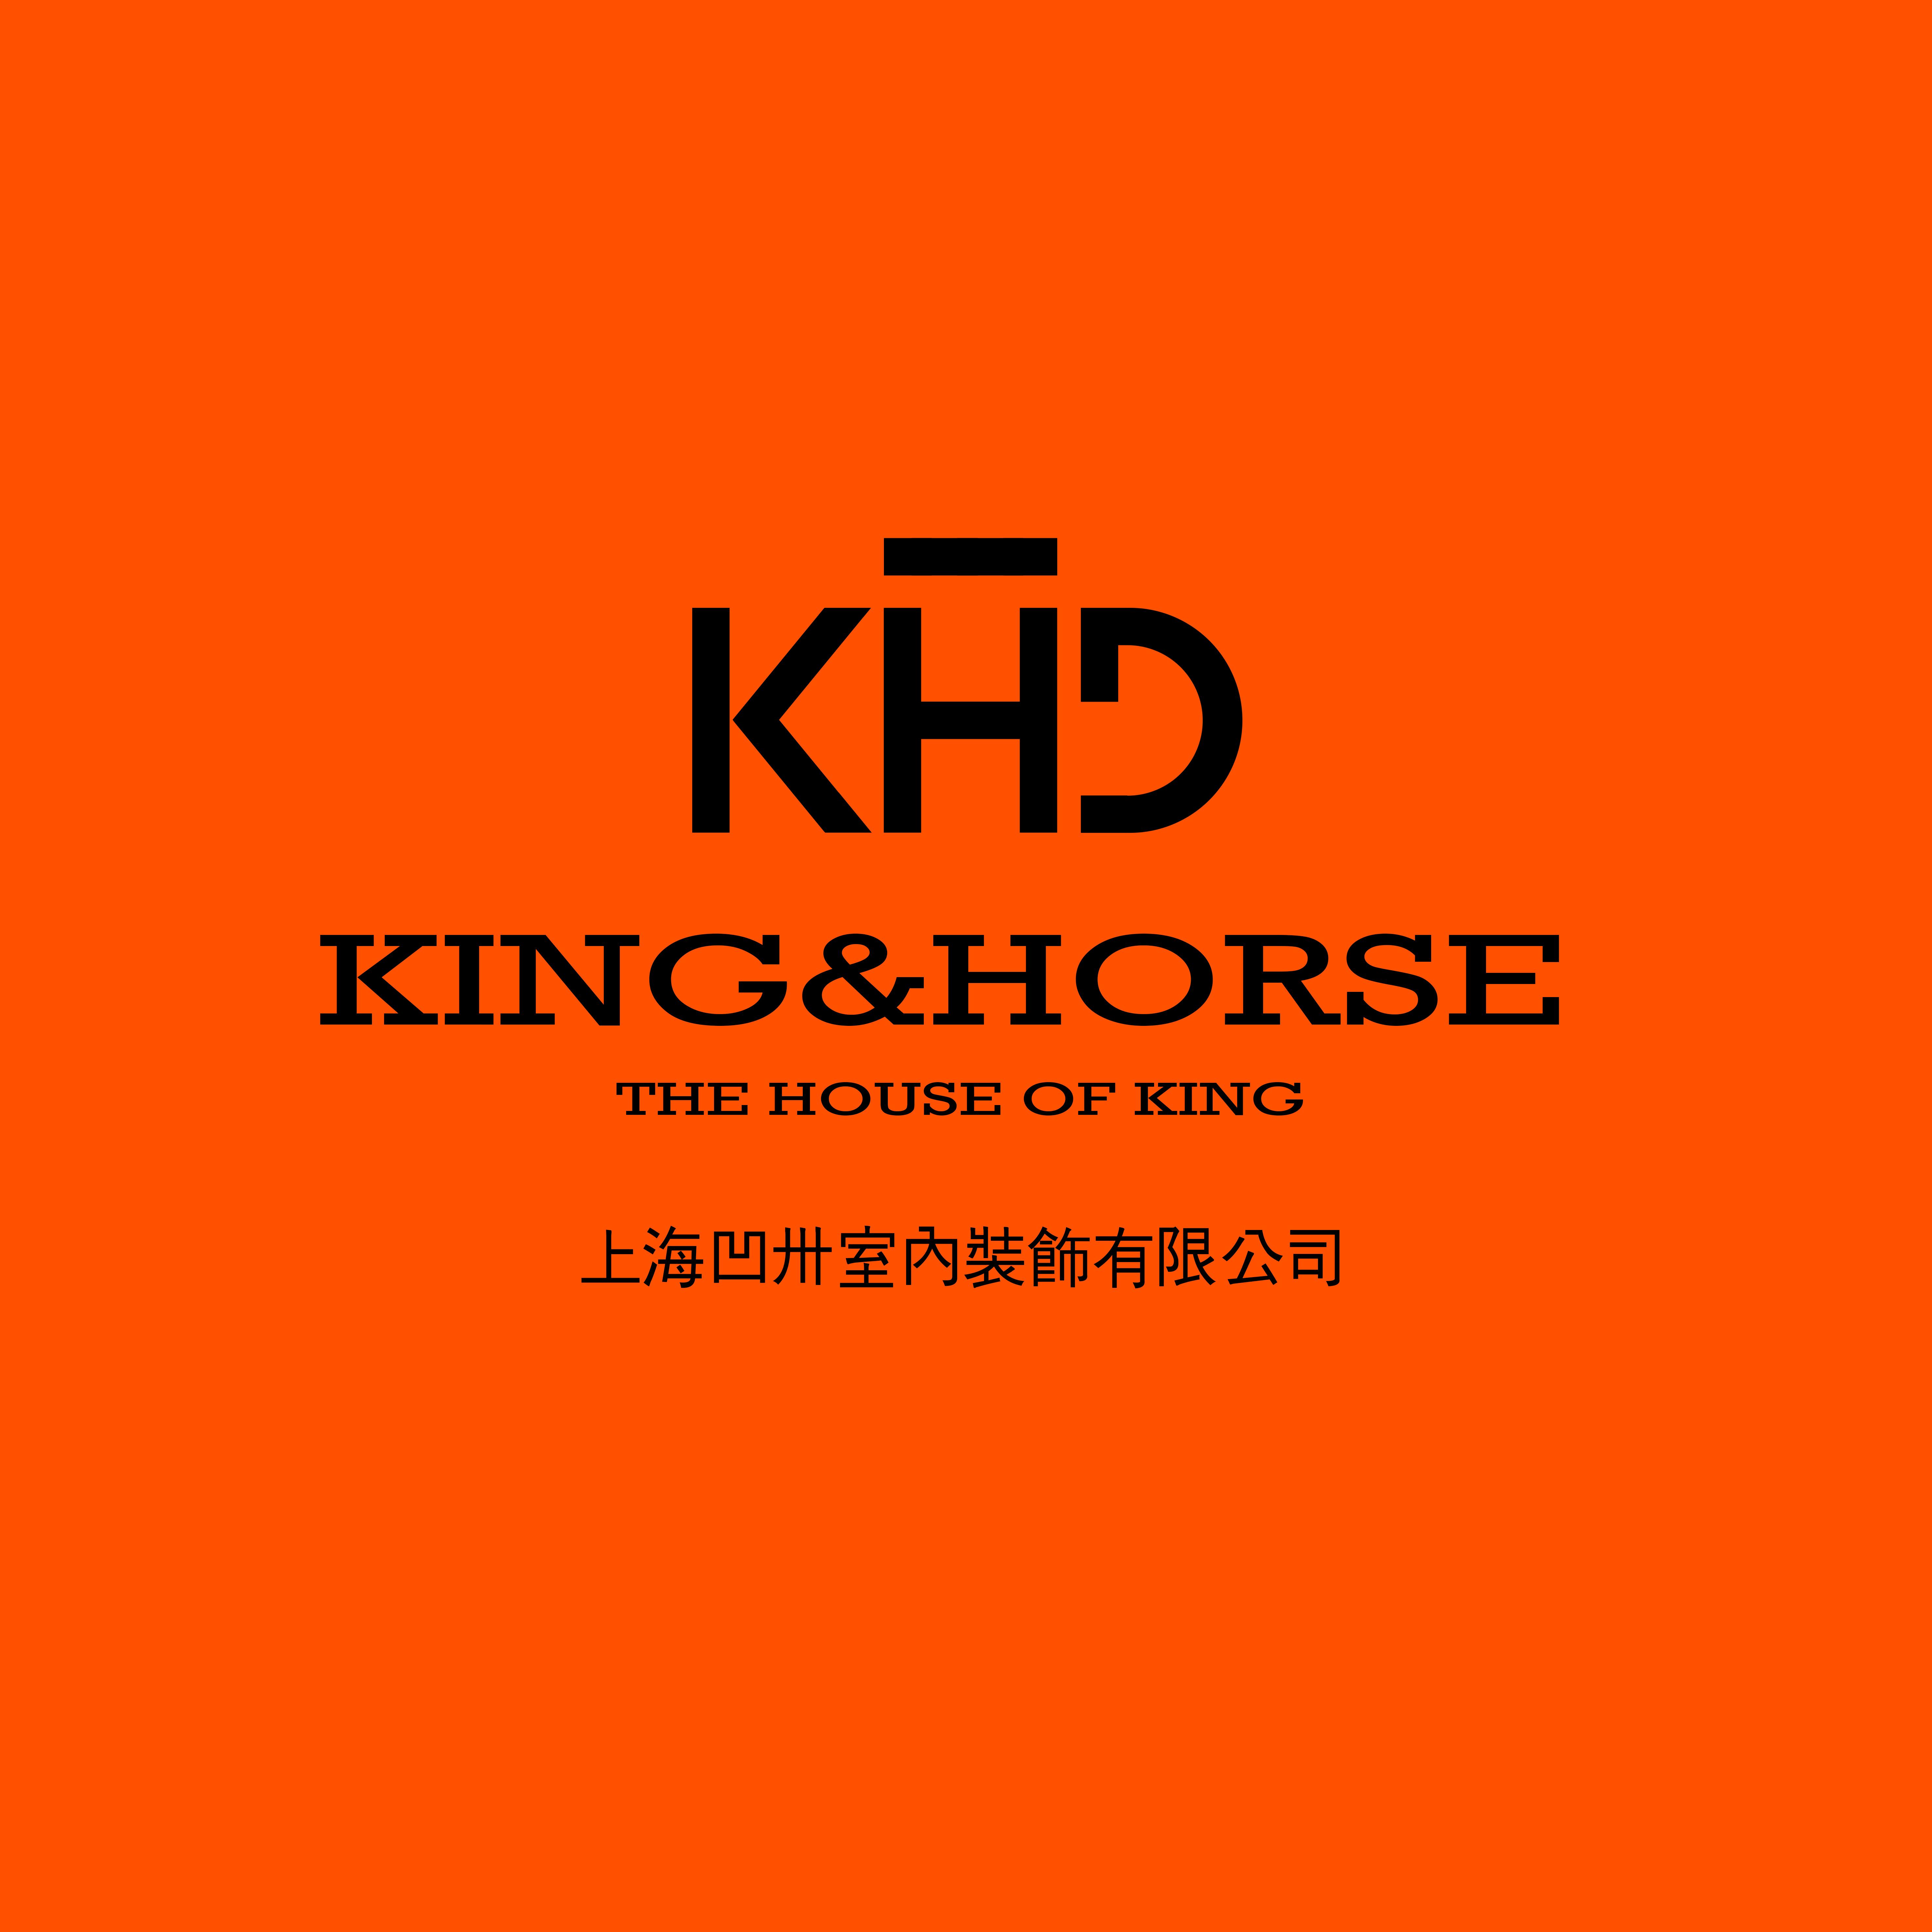 上海KHD